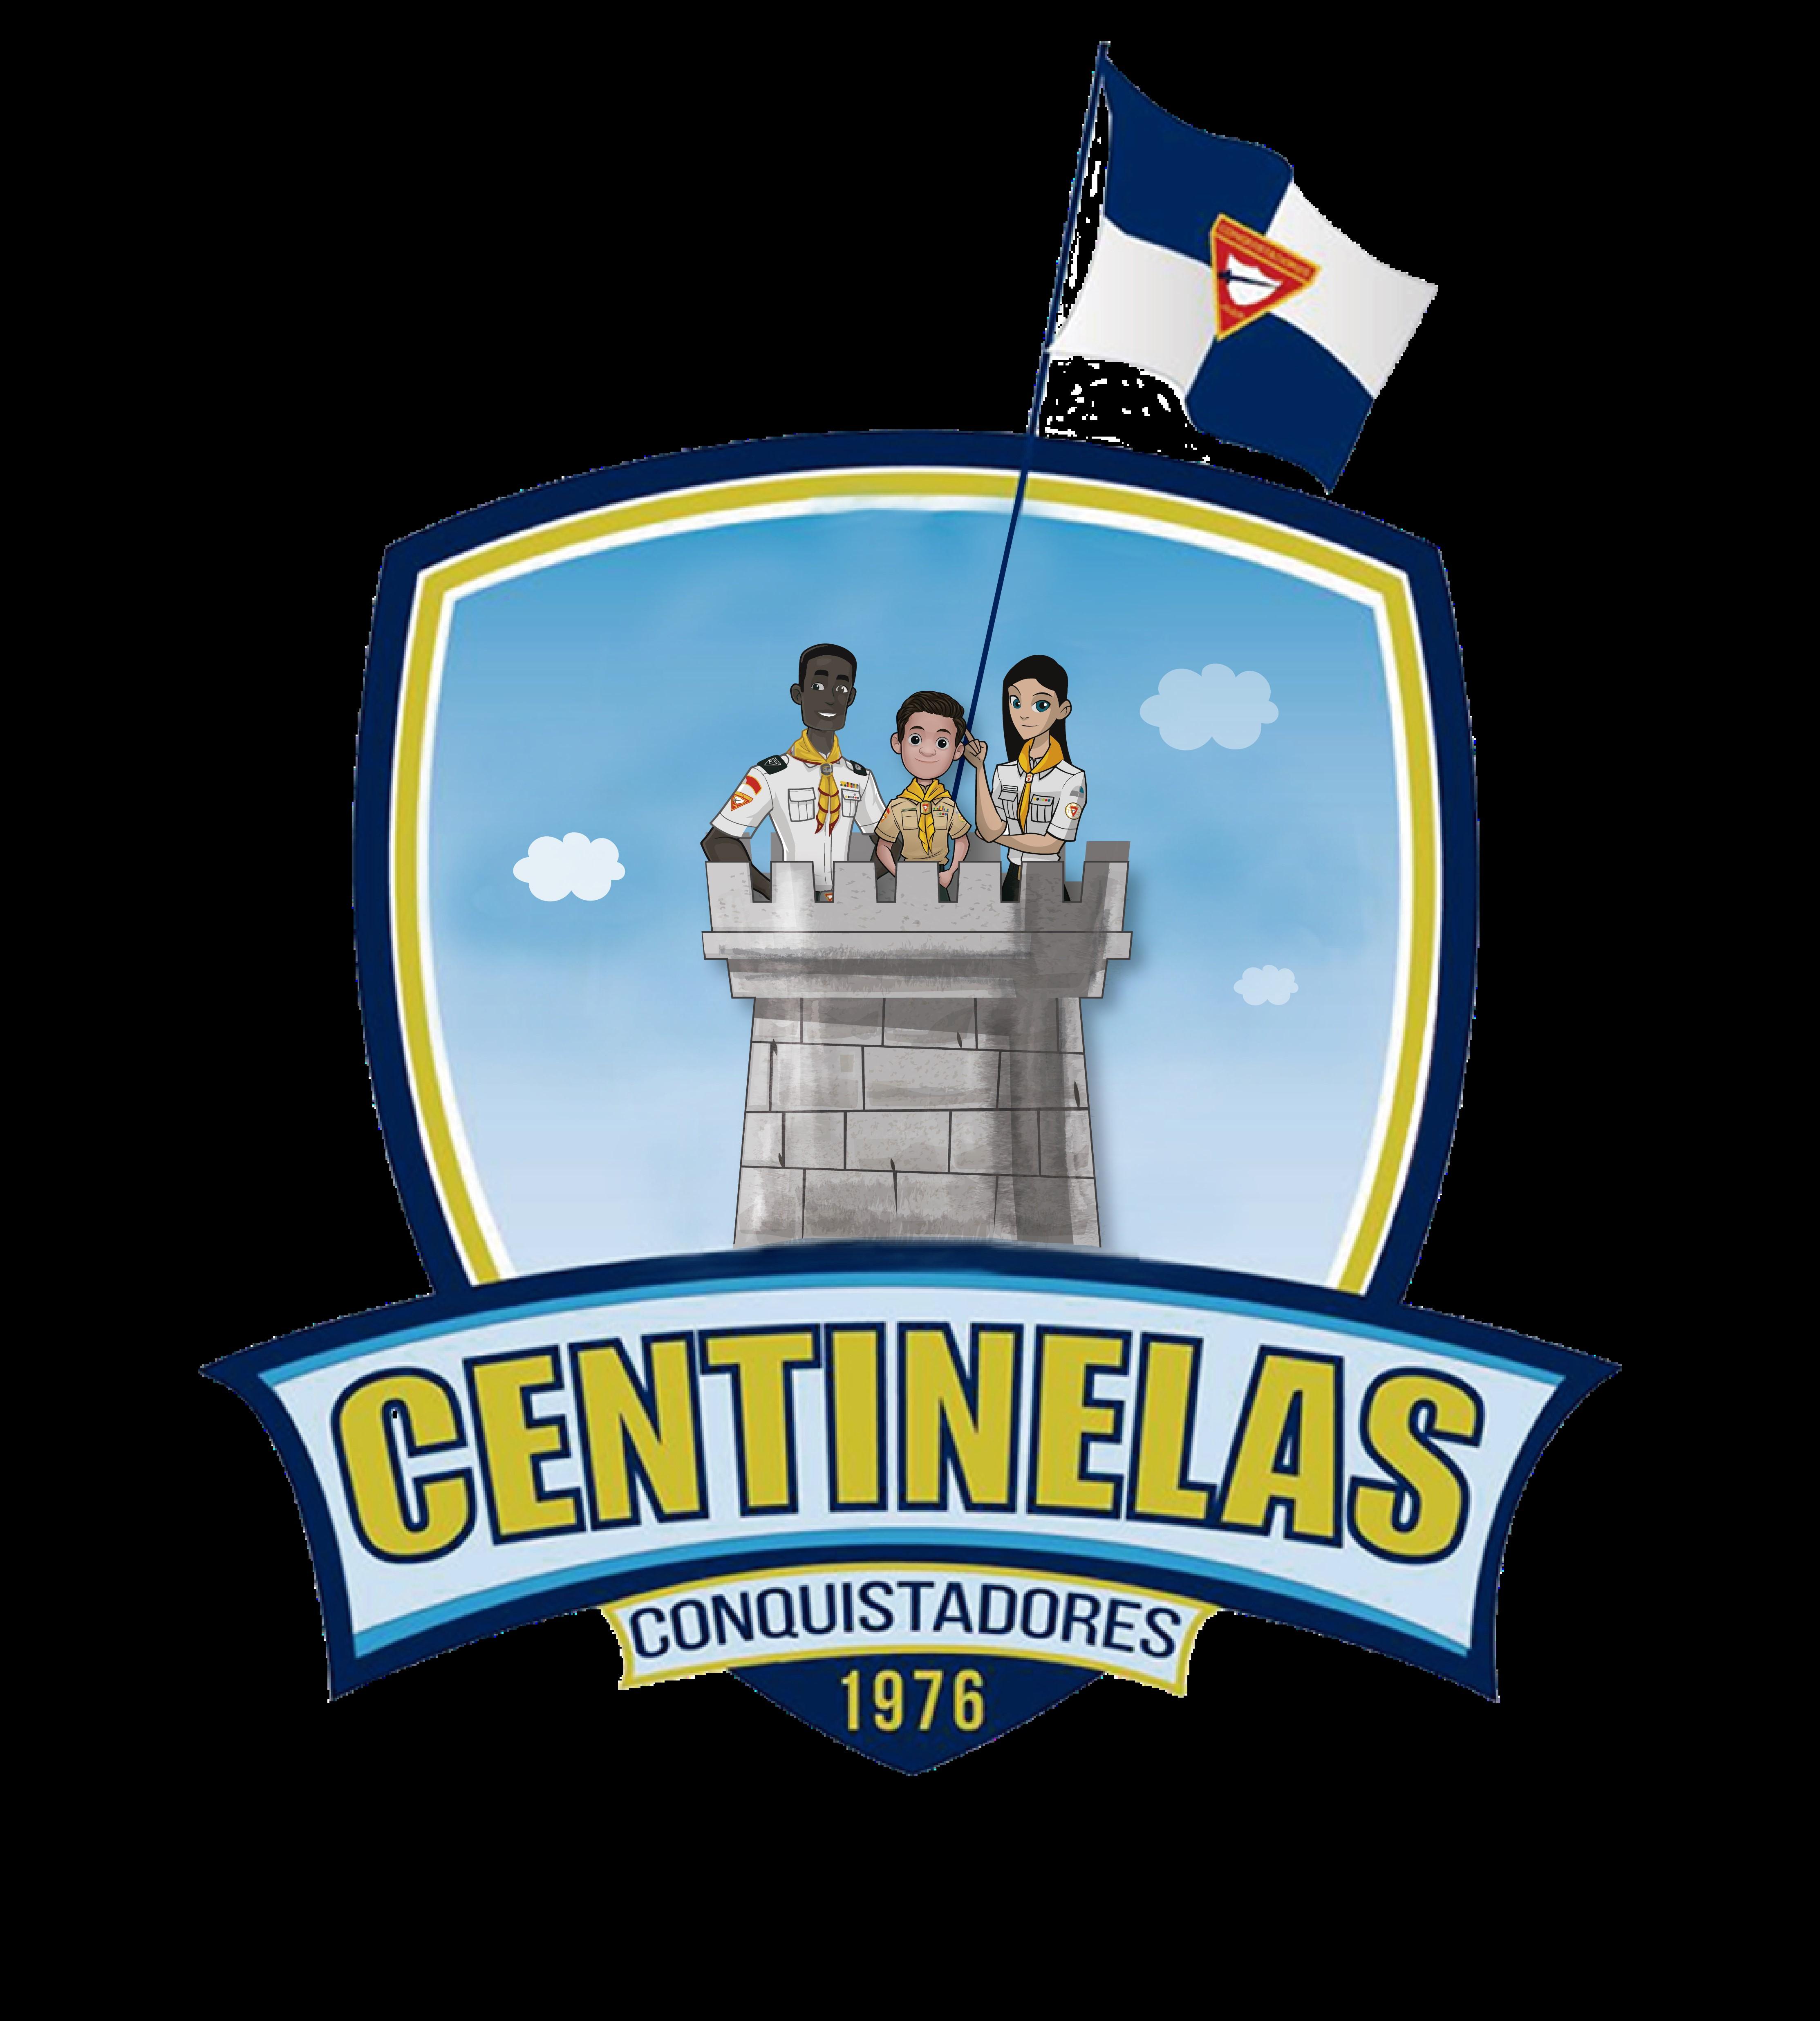 Centinelas